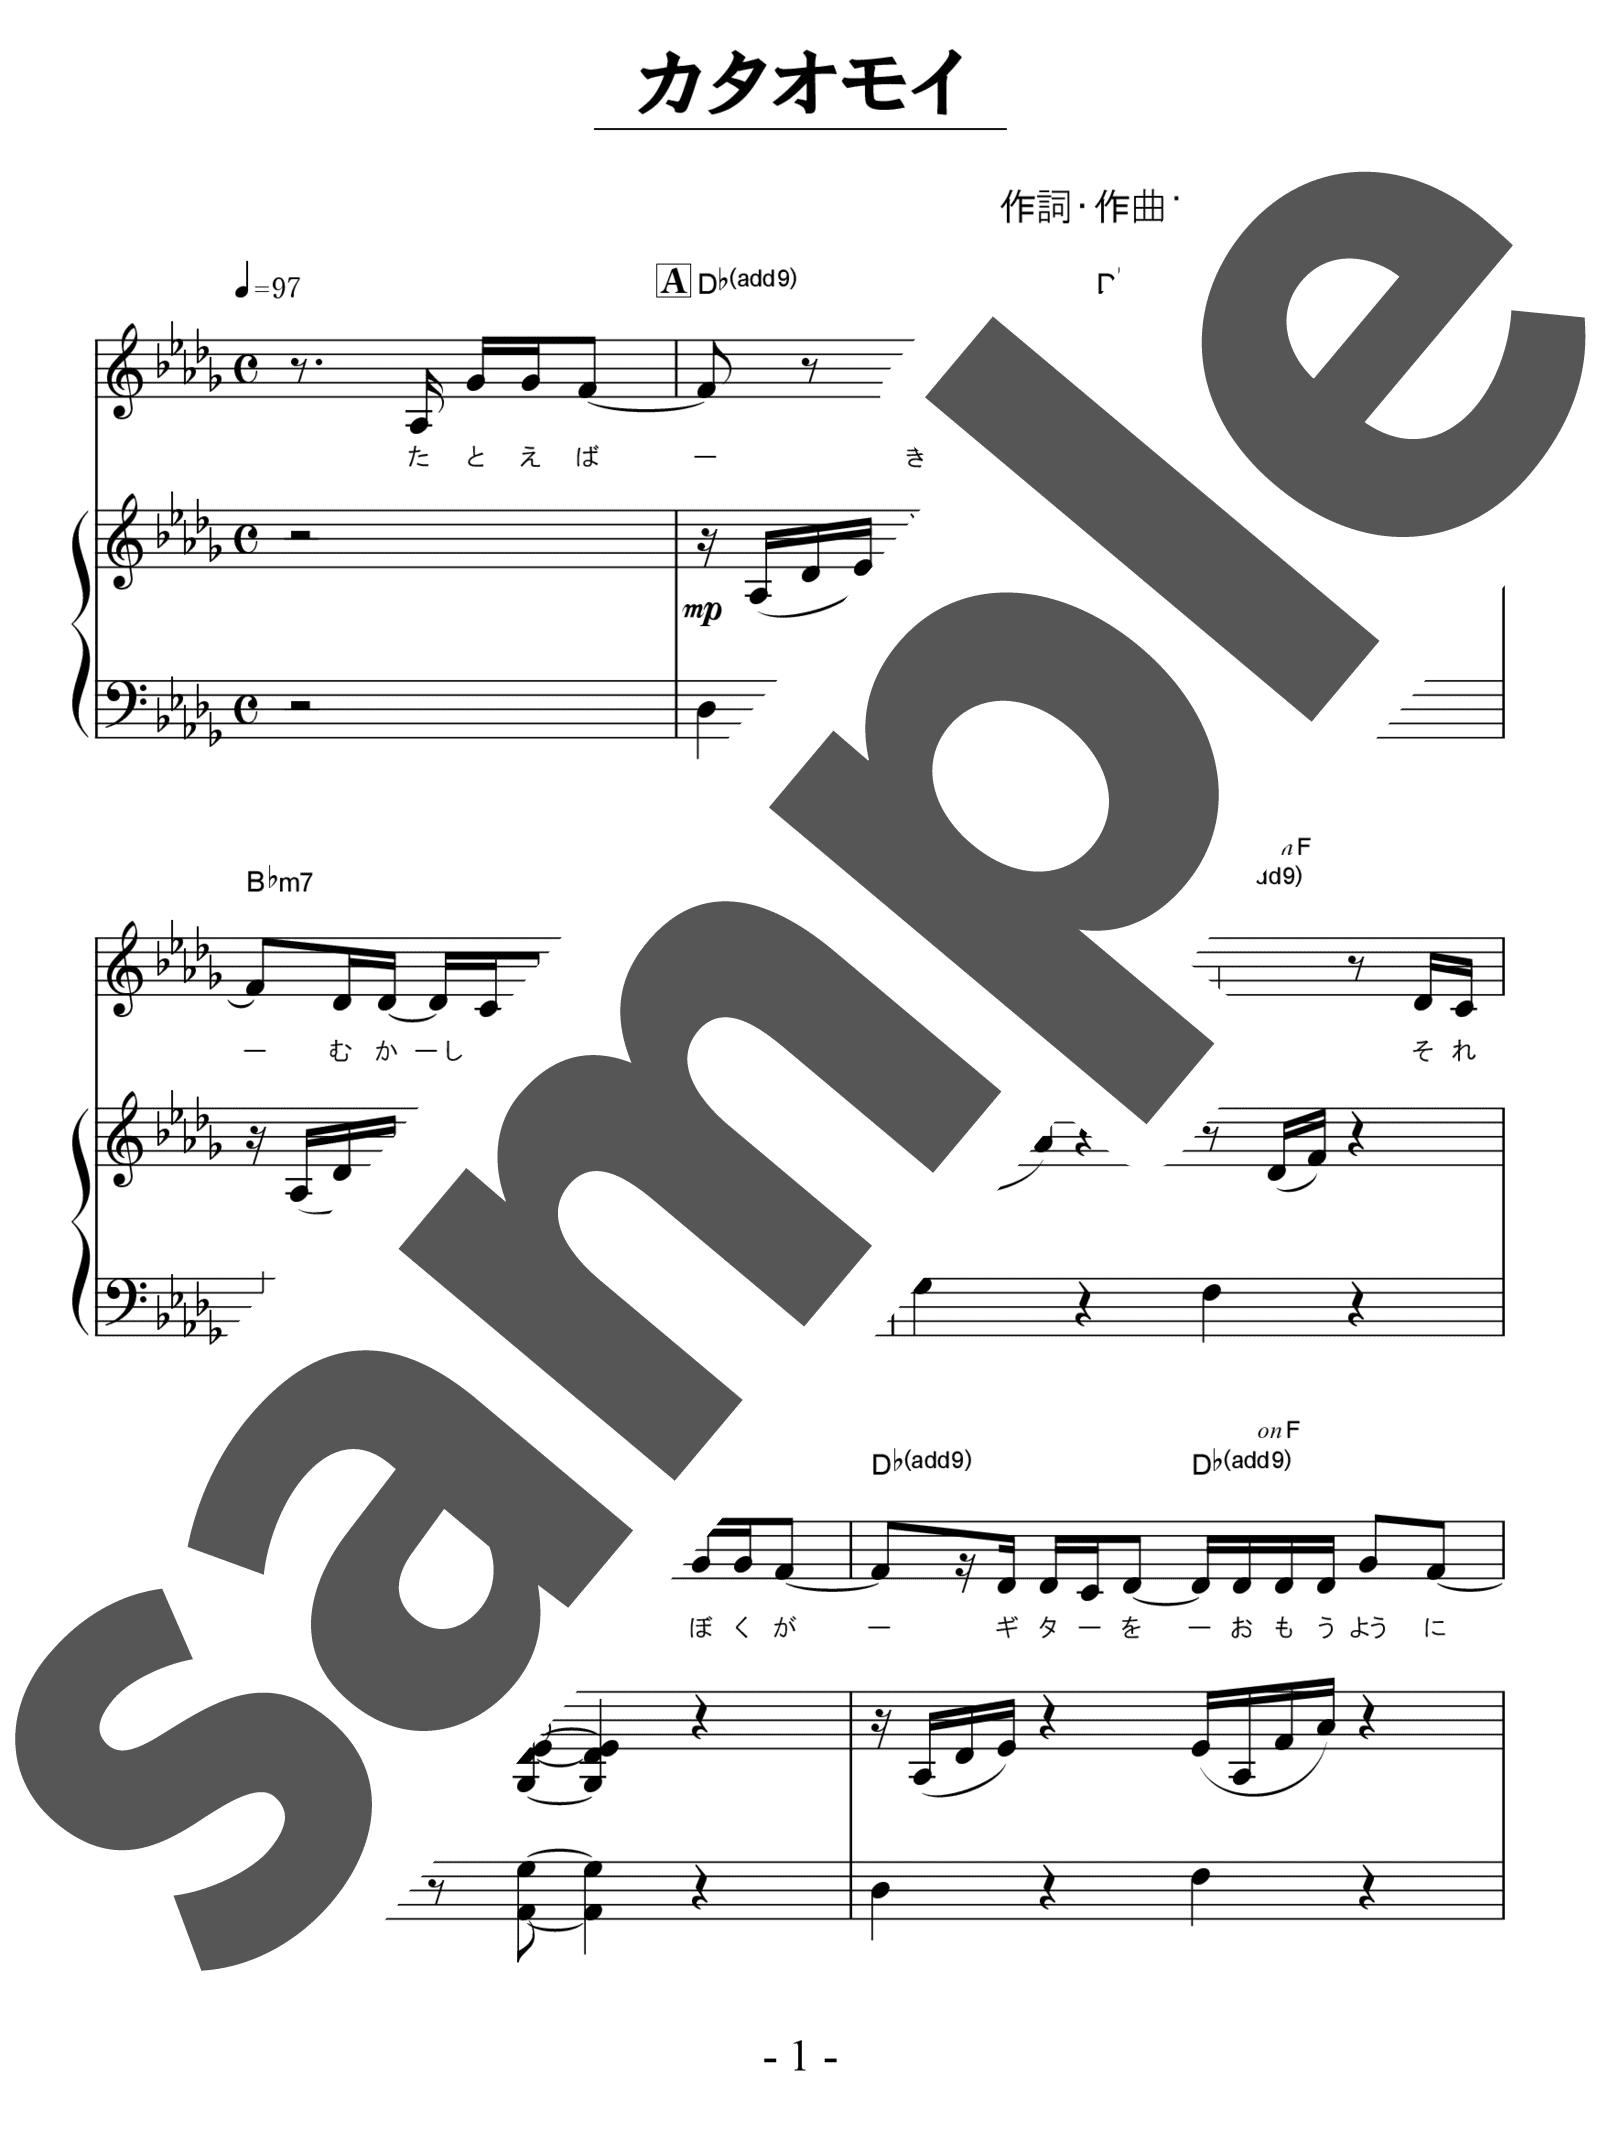 「カタオモイ」のサンプル楽譜